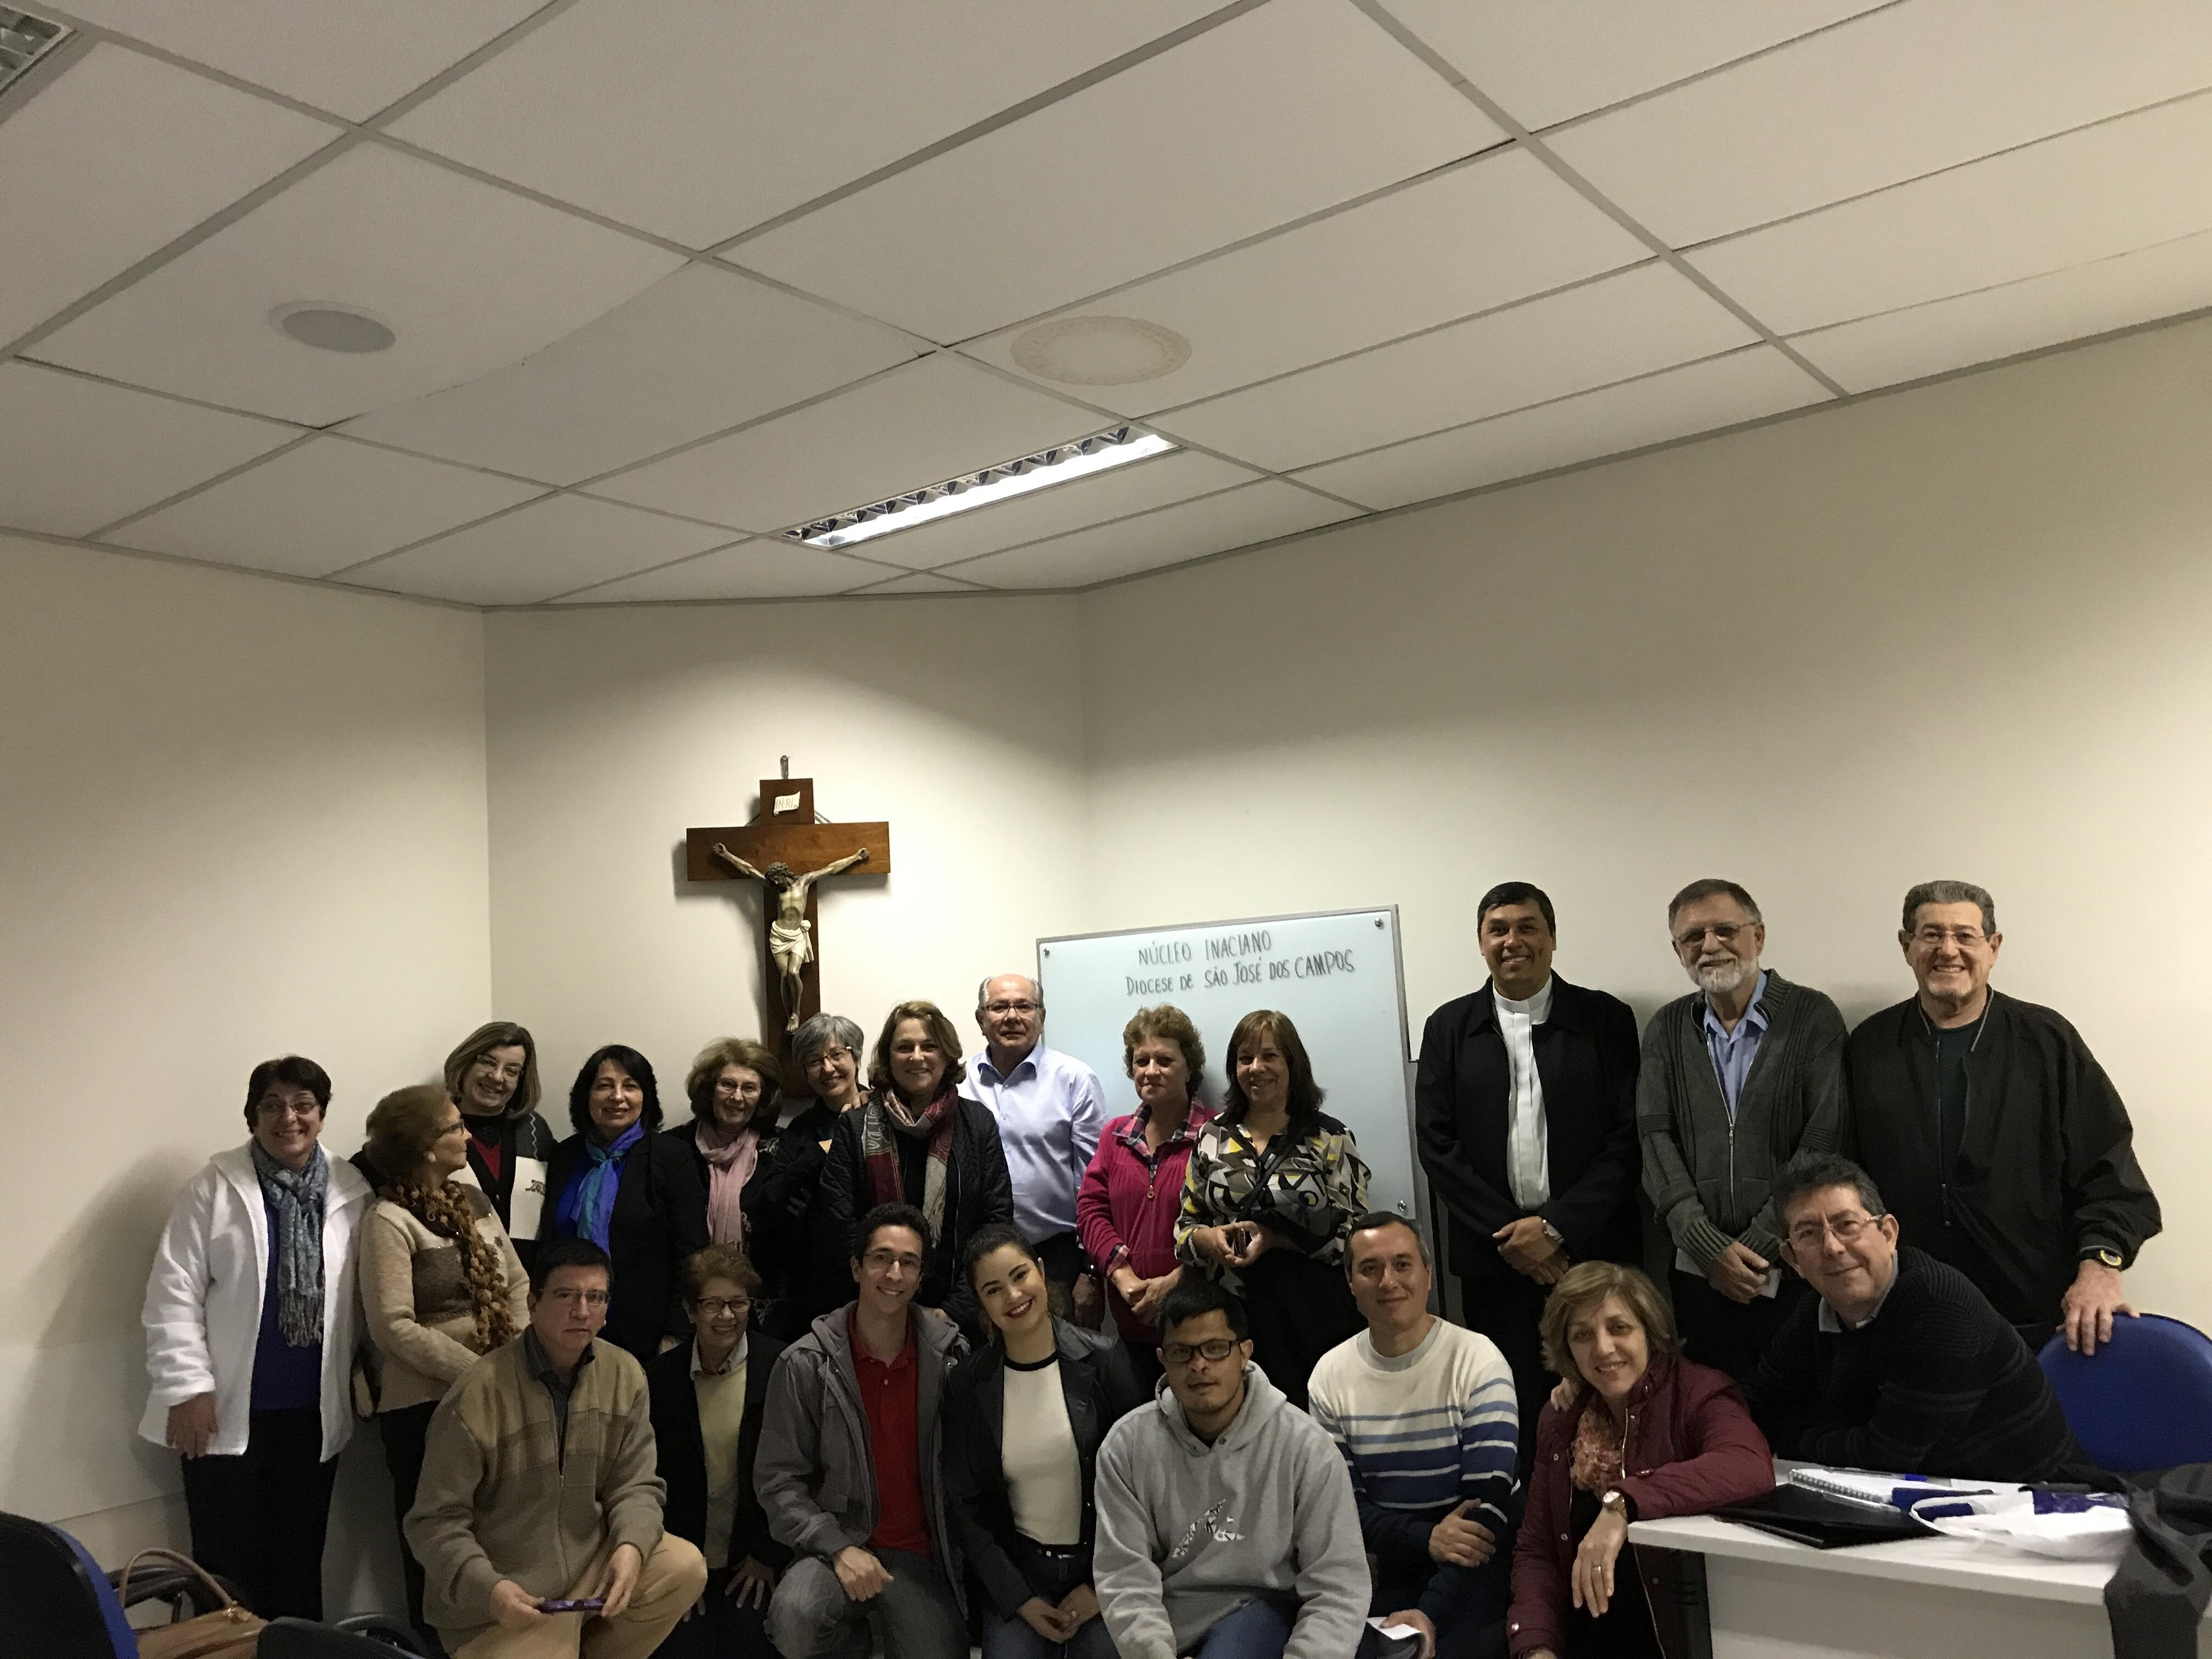 Criação do Núcleo Inaciano da Diocese de São José dos Campos